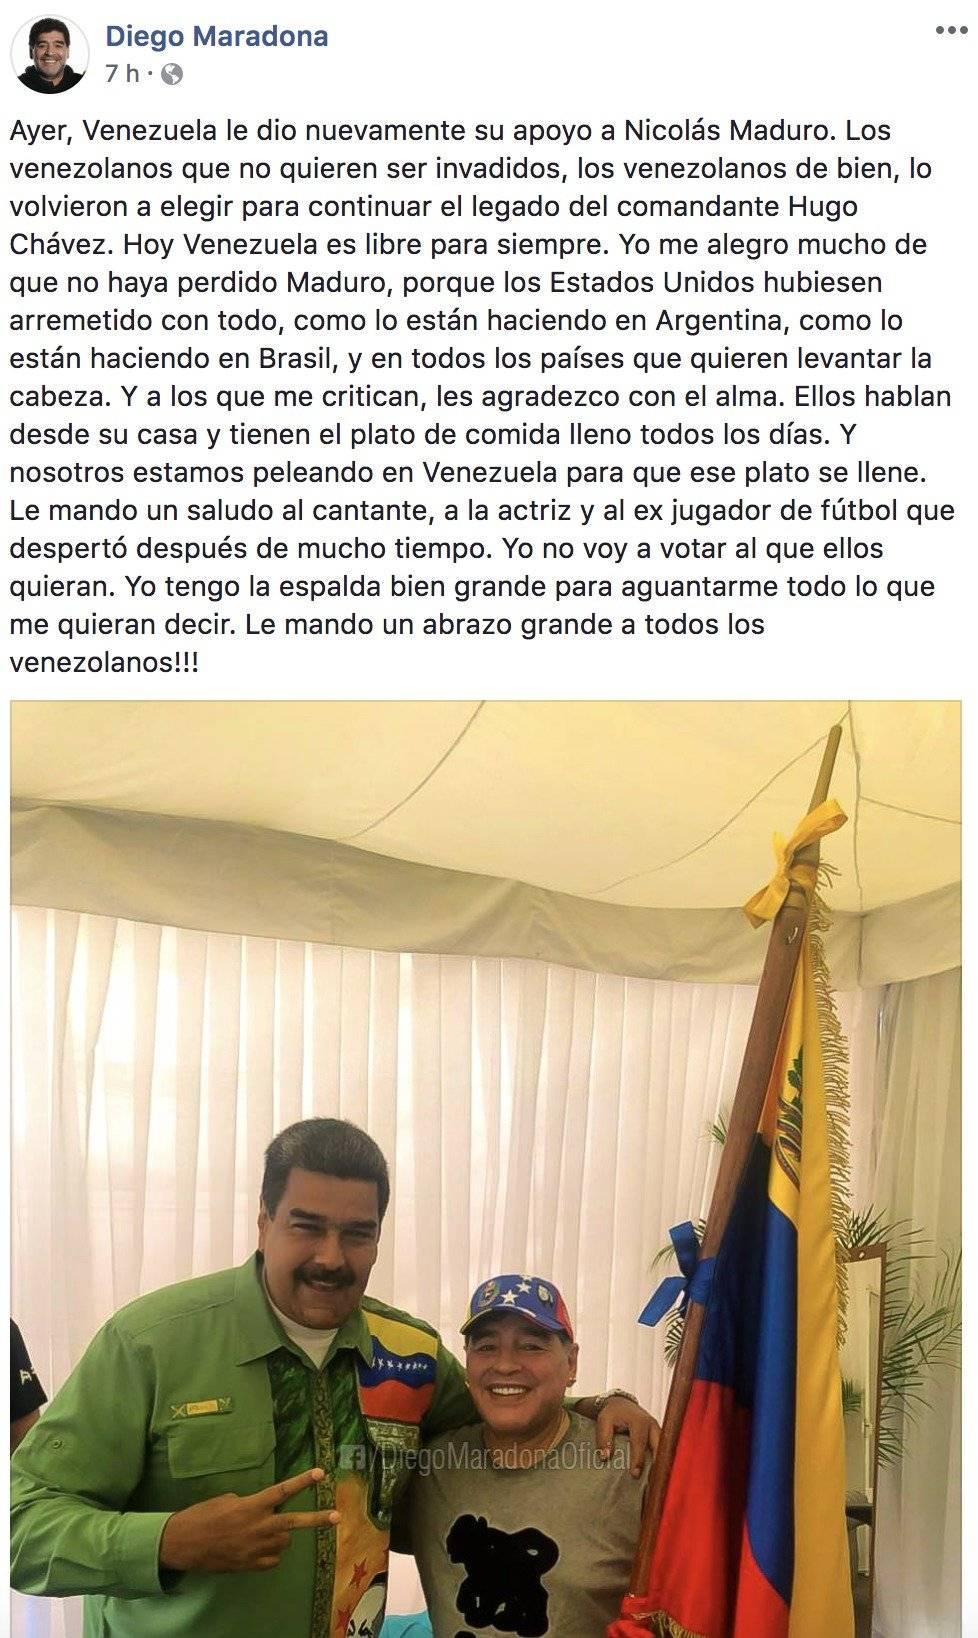 Nicolás Maduro y Maradona